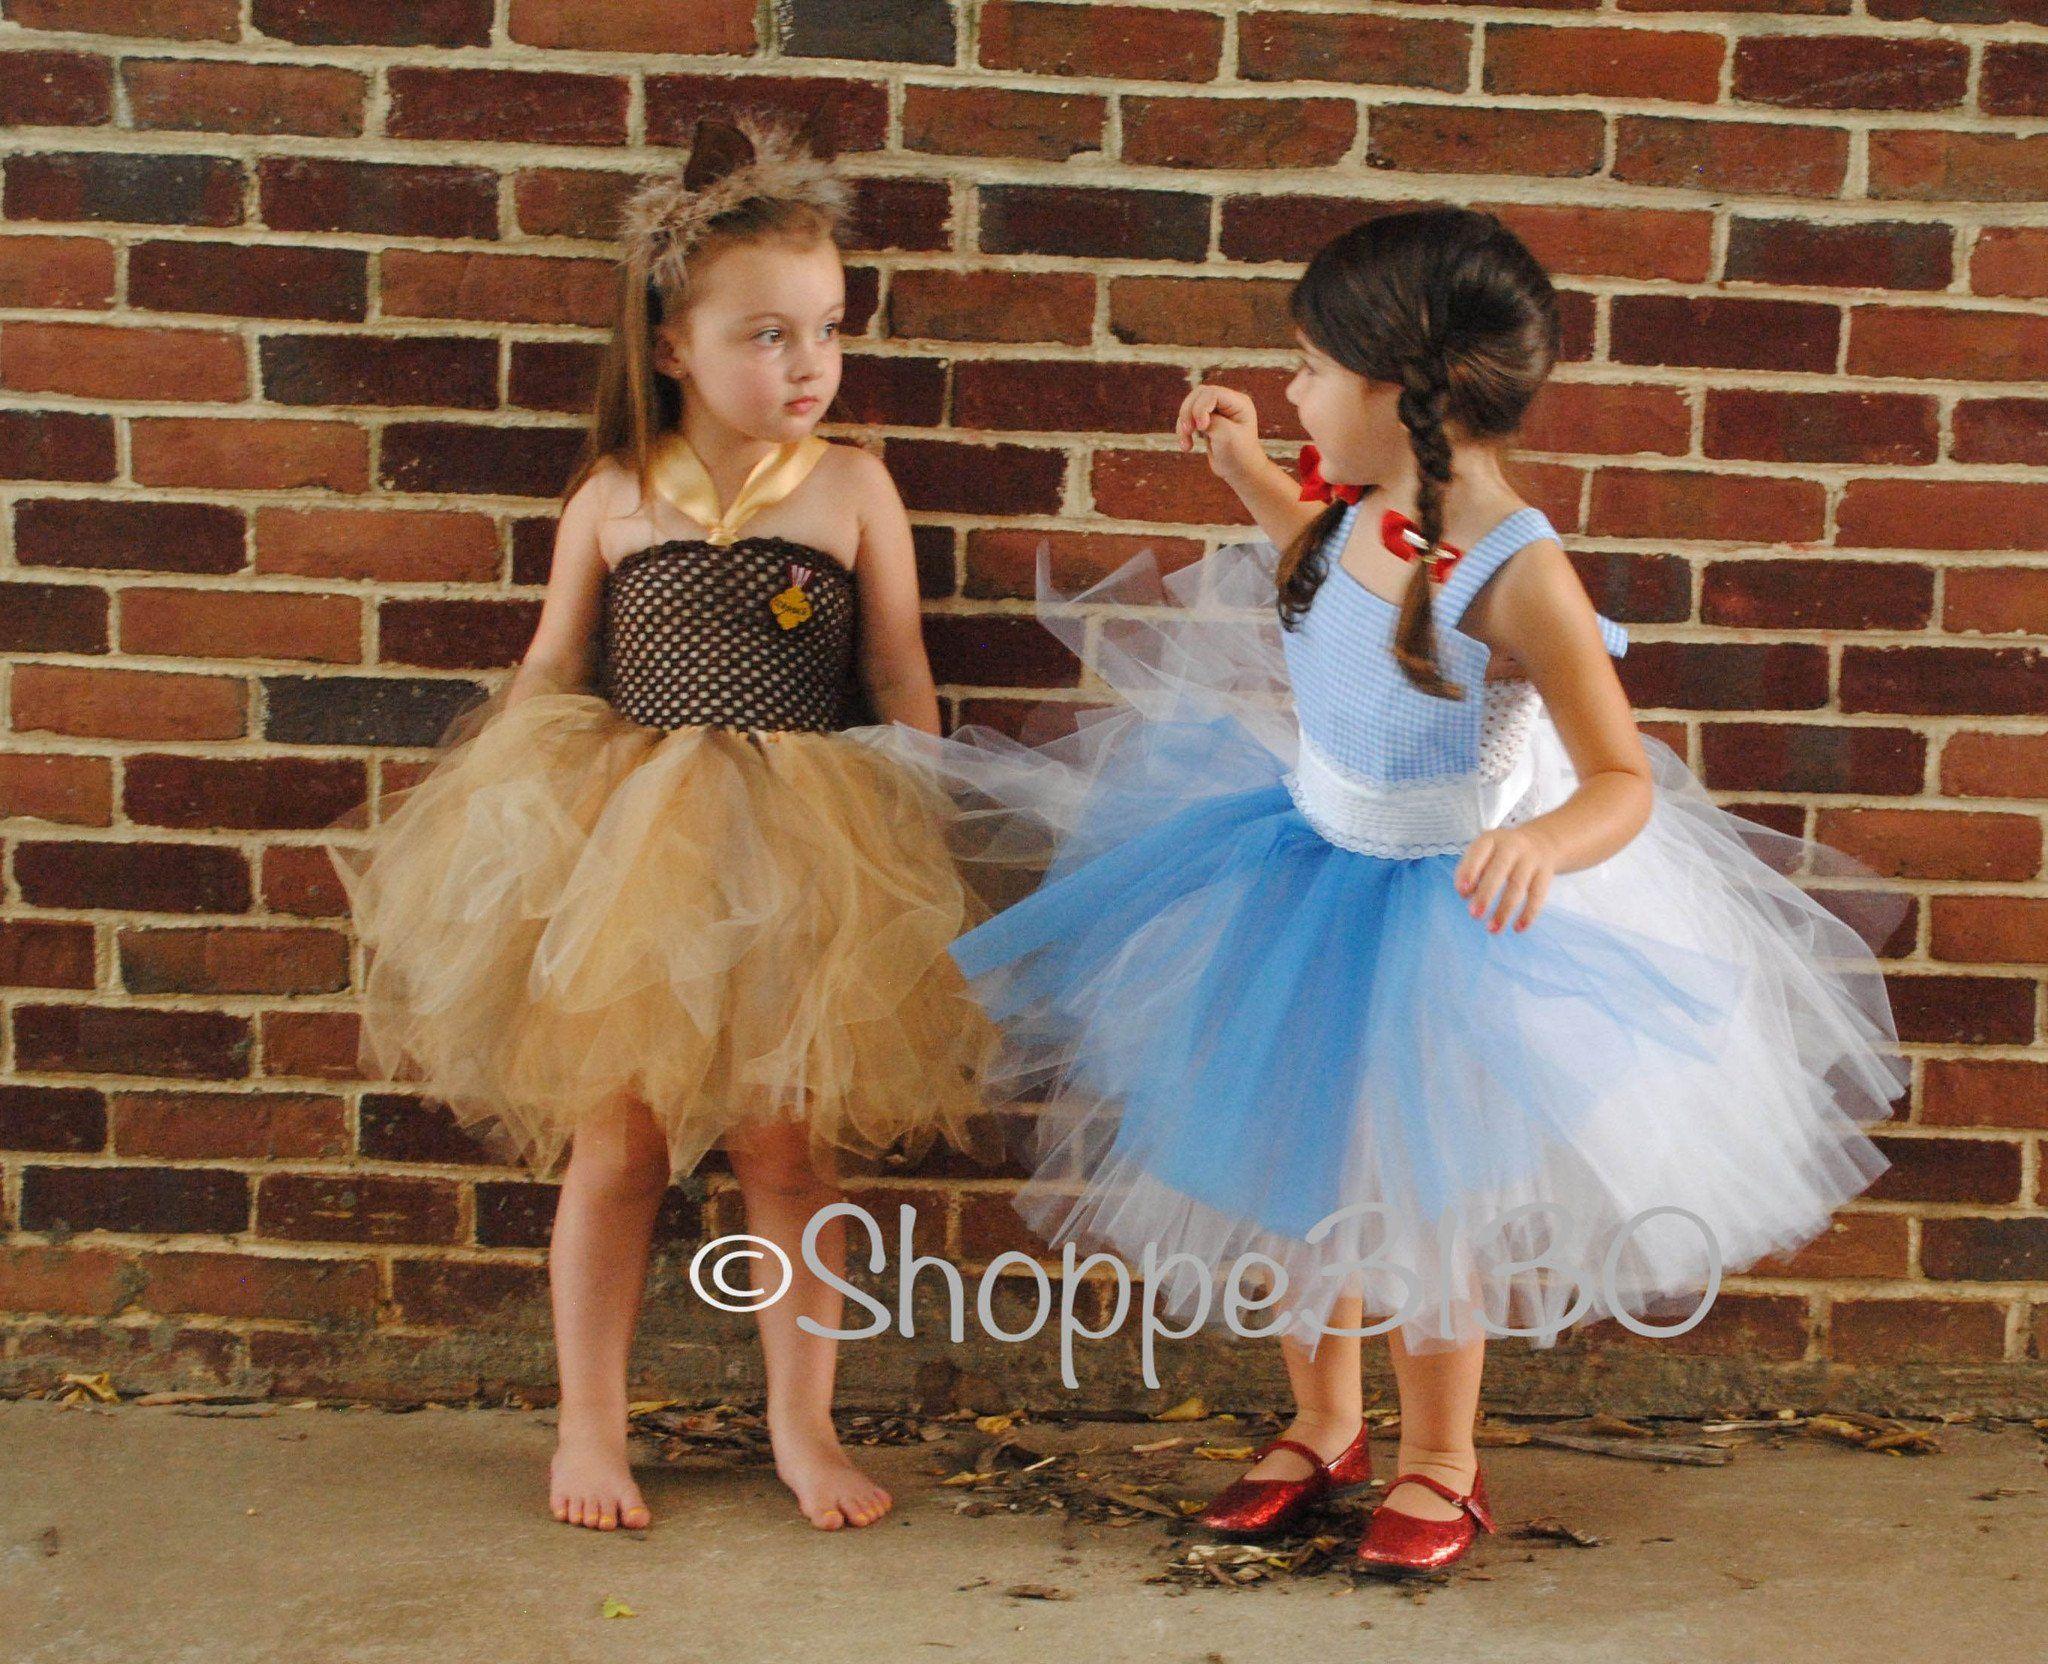 6afddaf961af Wizard of Oz Inspired Tutu Dress Costume - Dorothy, Tin Man, Lion,  Scarecrow or Glenda - Shoppe3130